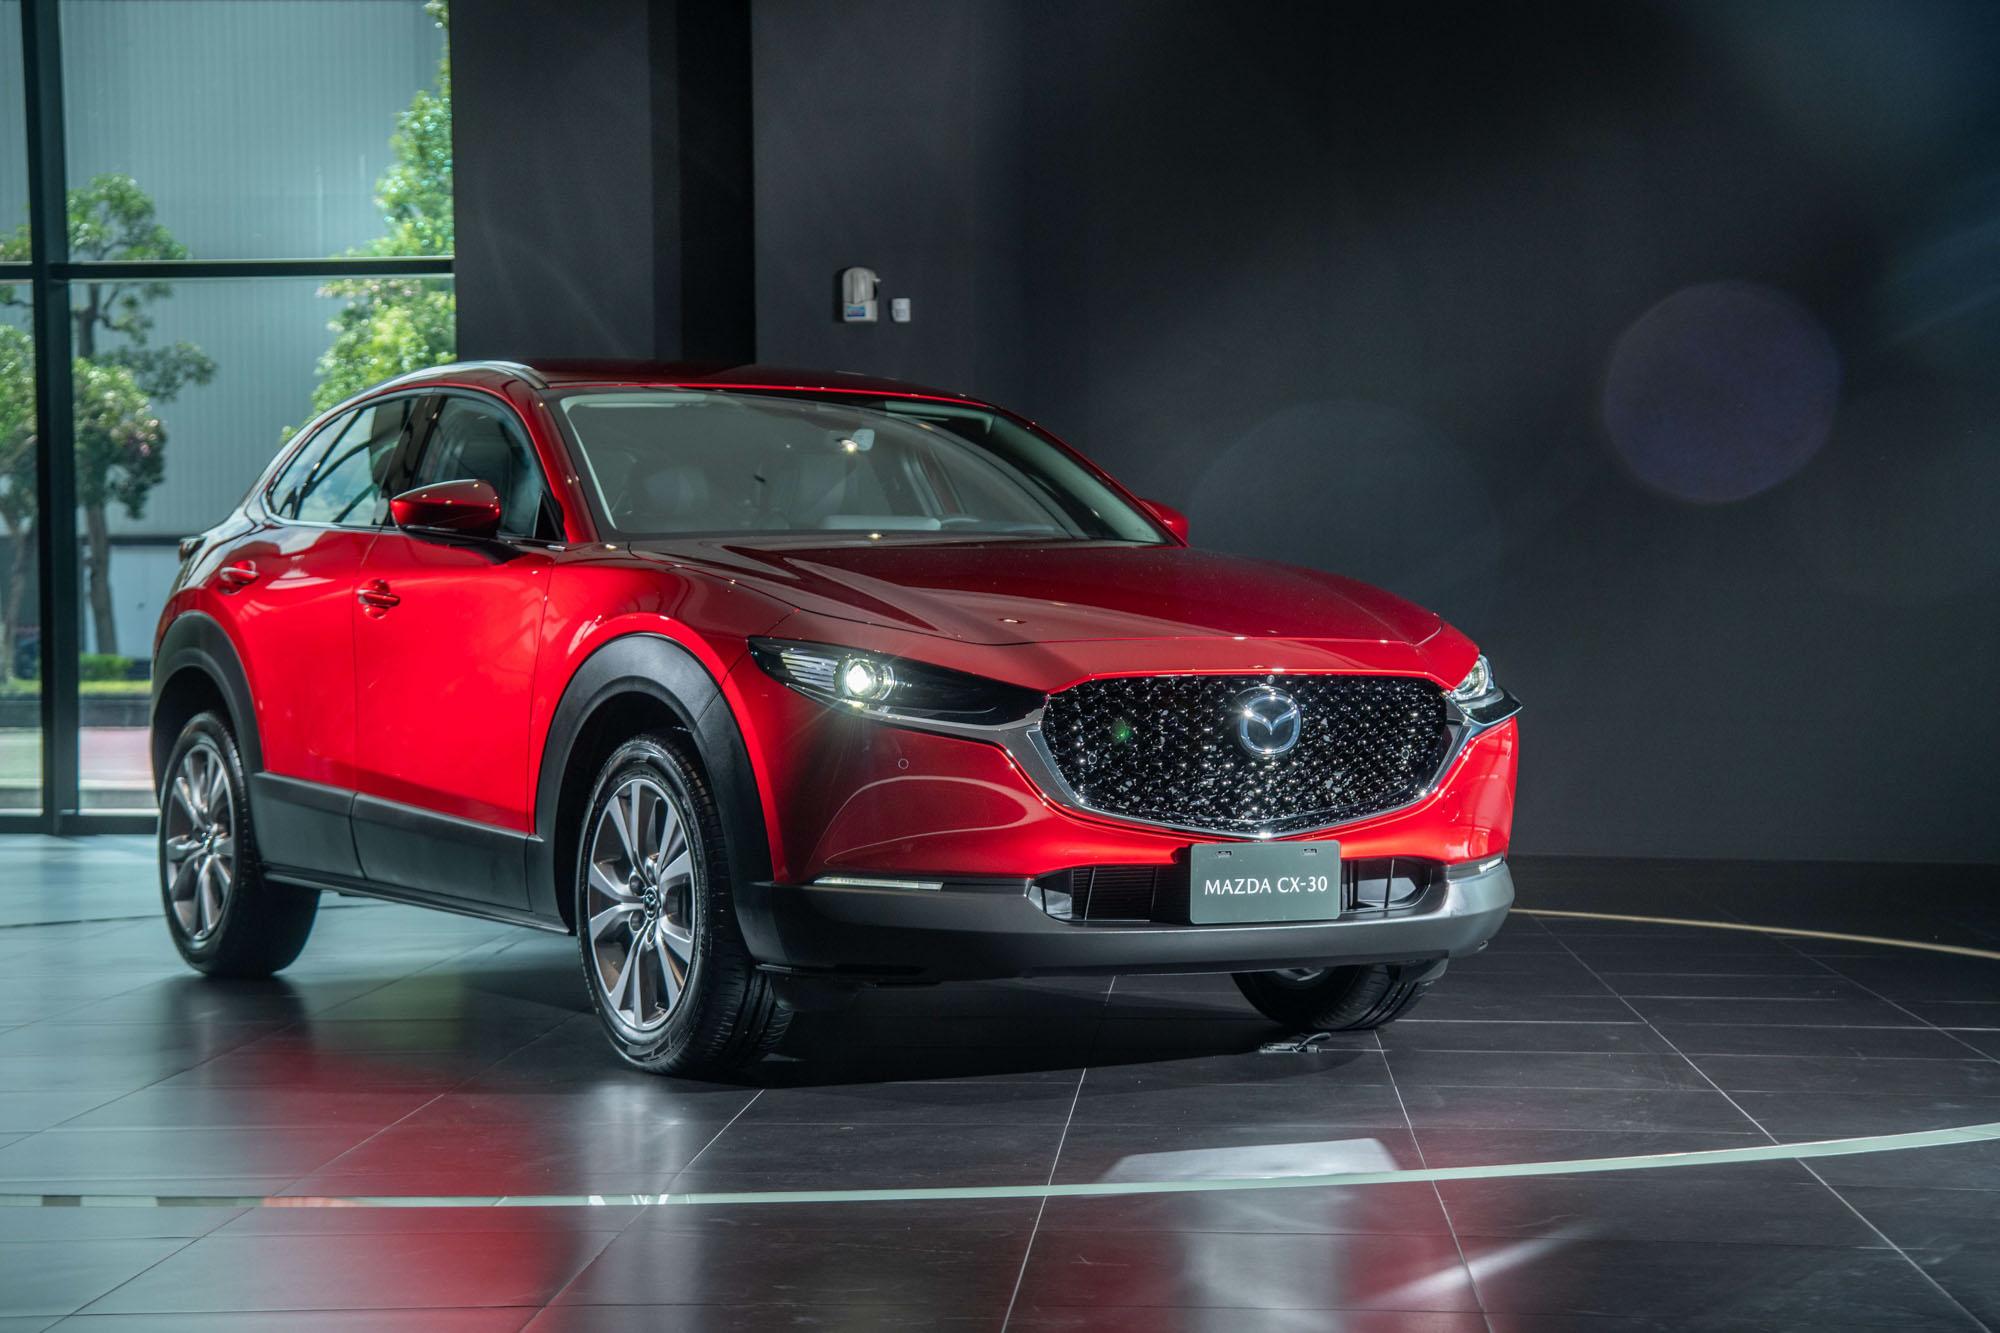 Mazda Taiwan 於 10 月 1 日針對 CX-30 舉辦媒體預賞活動。